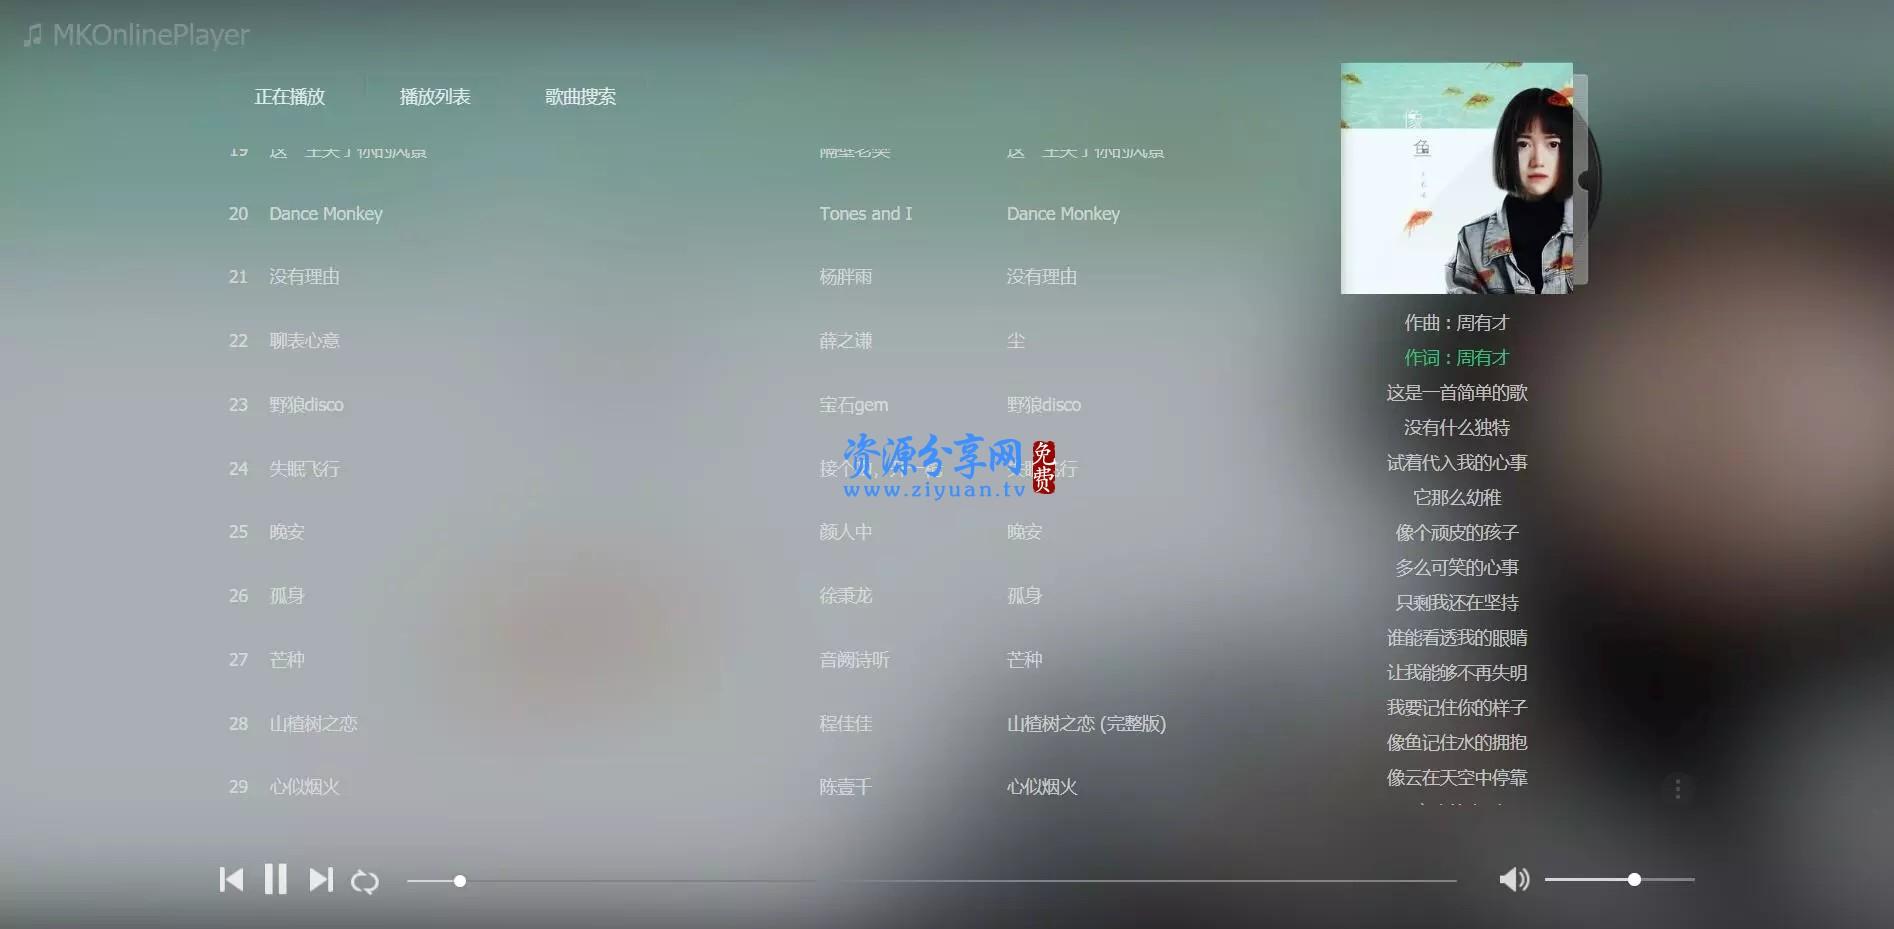 在线音乐播放器源码 MKOnlinePlayer v2.4 修复版